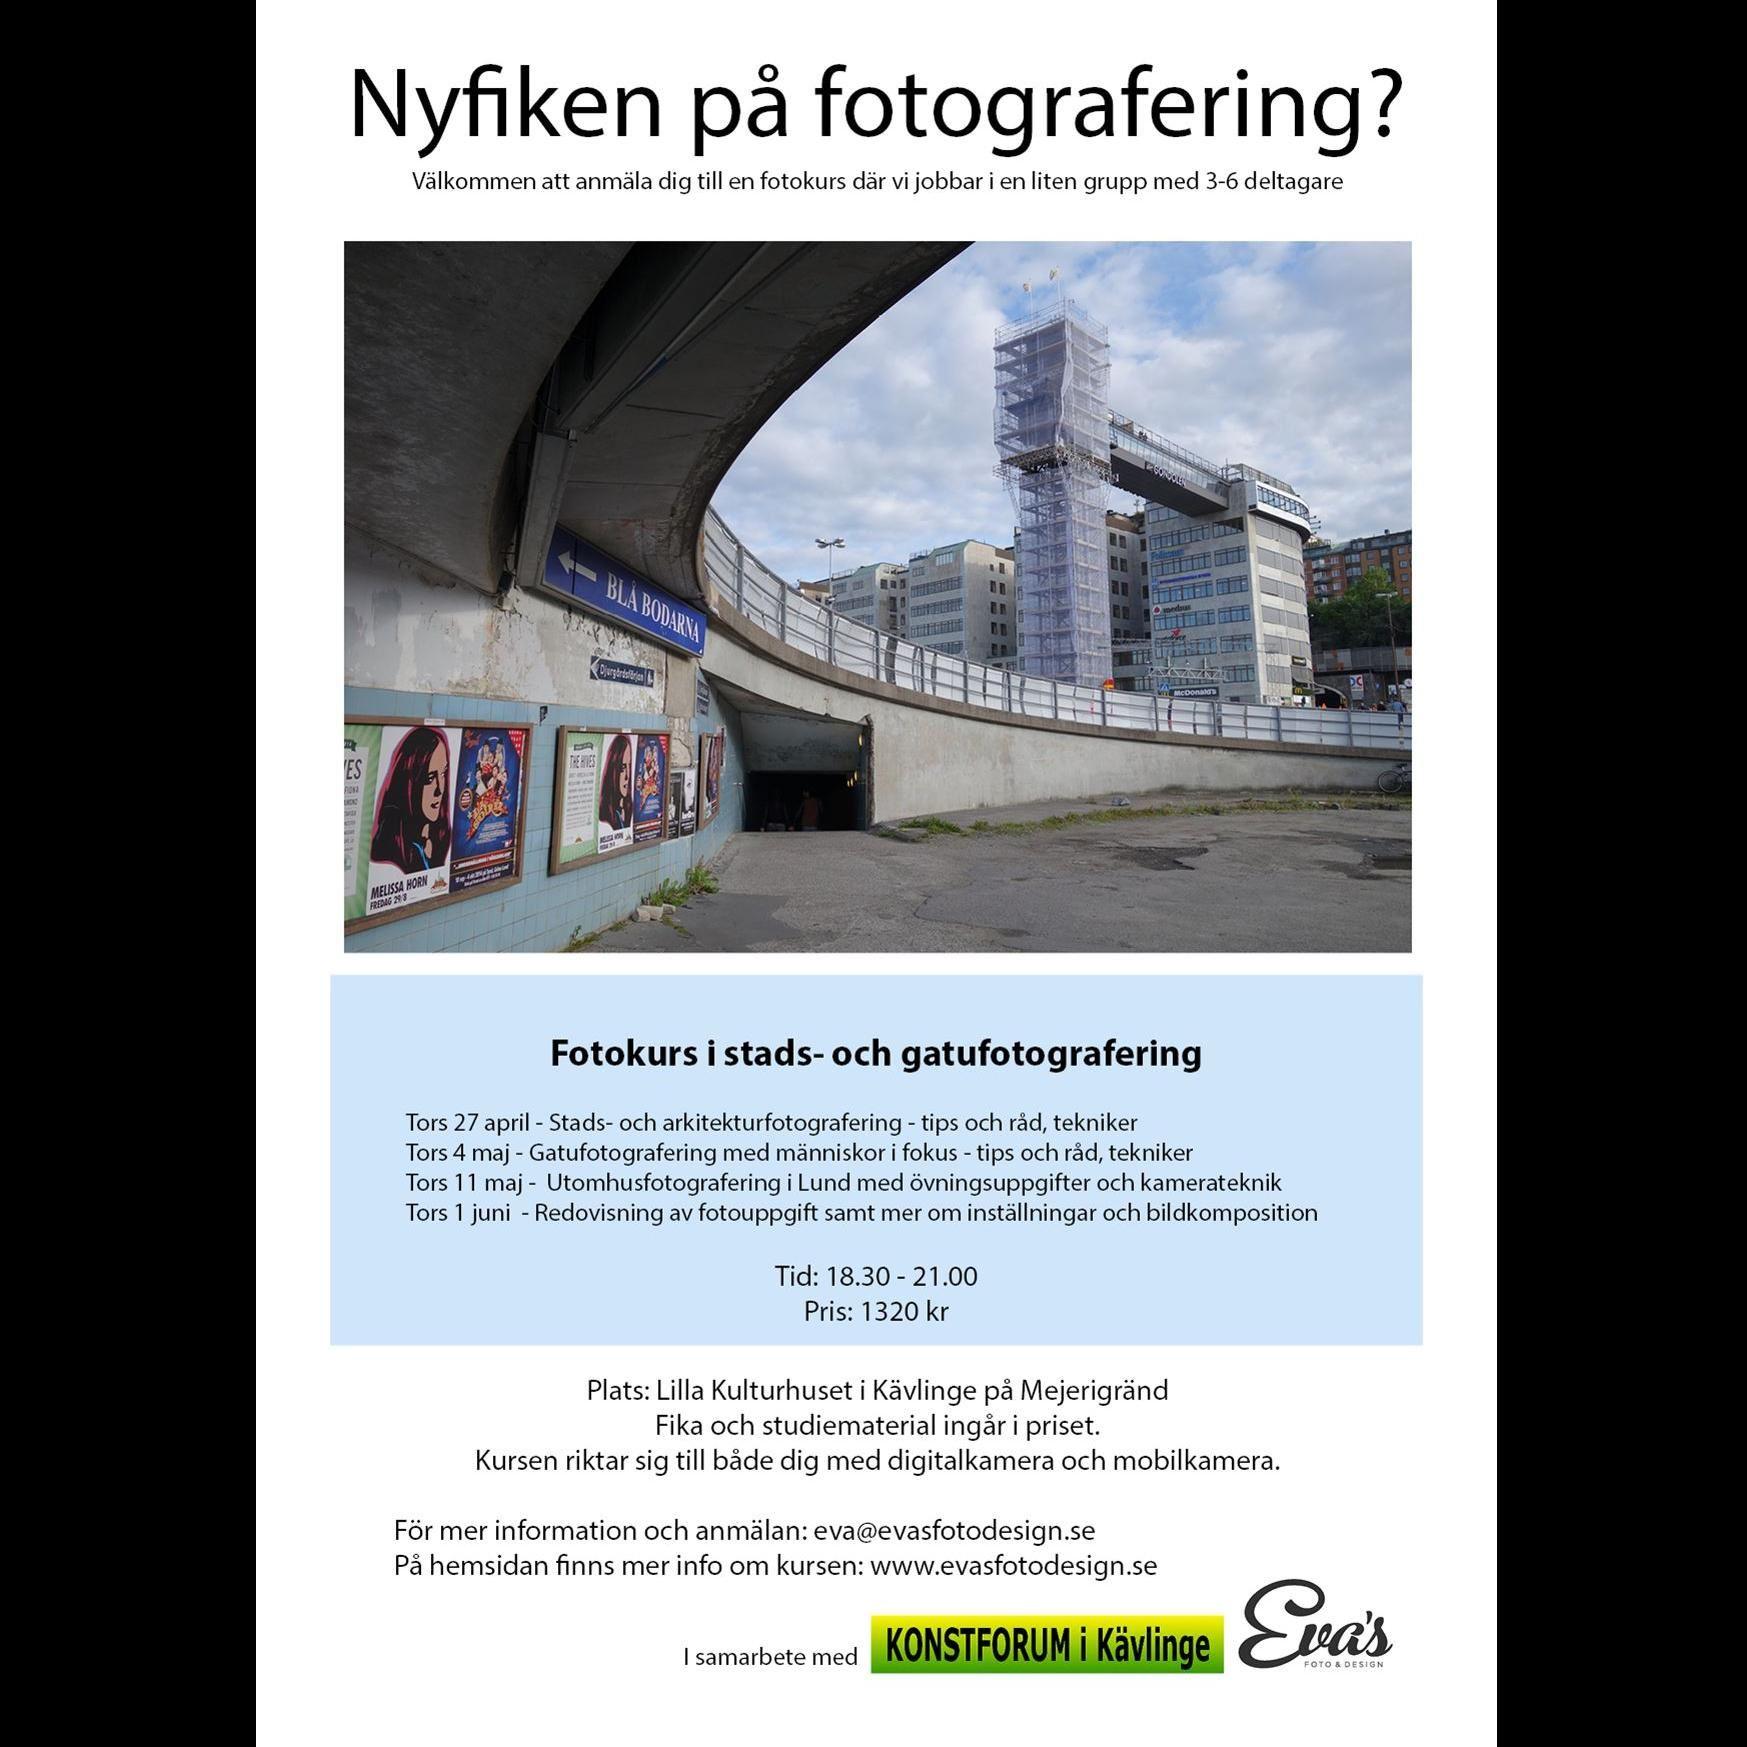 Fotokurs i stads- och gatufotografering